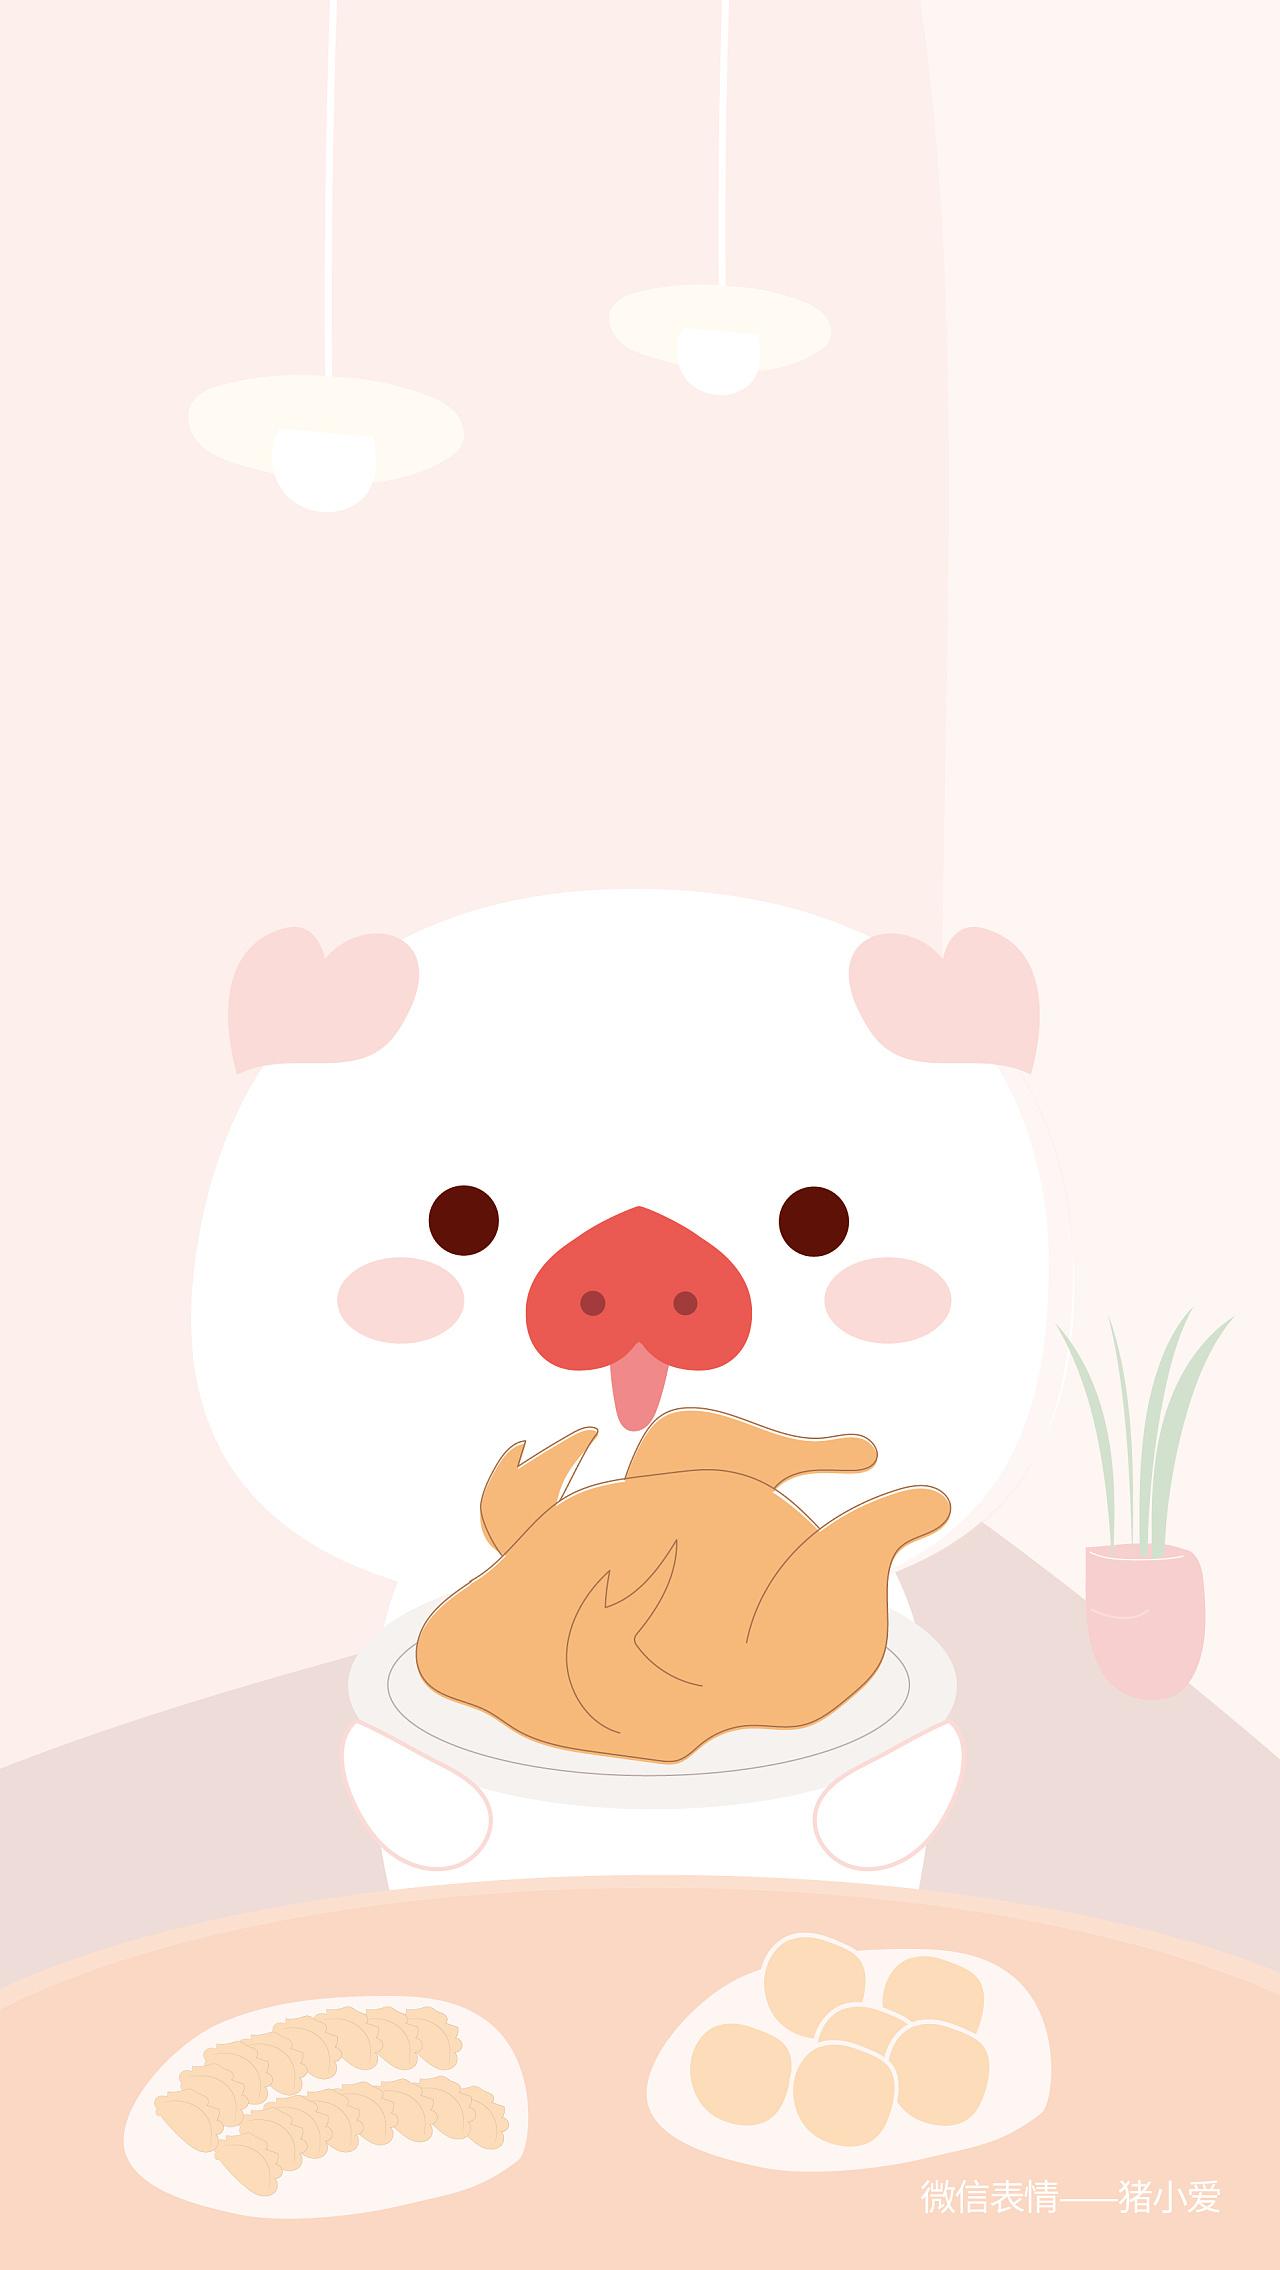 微信表情猪小爱猪年大吉猪动画可爱表情包字表情加图片